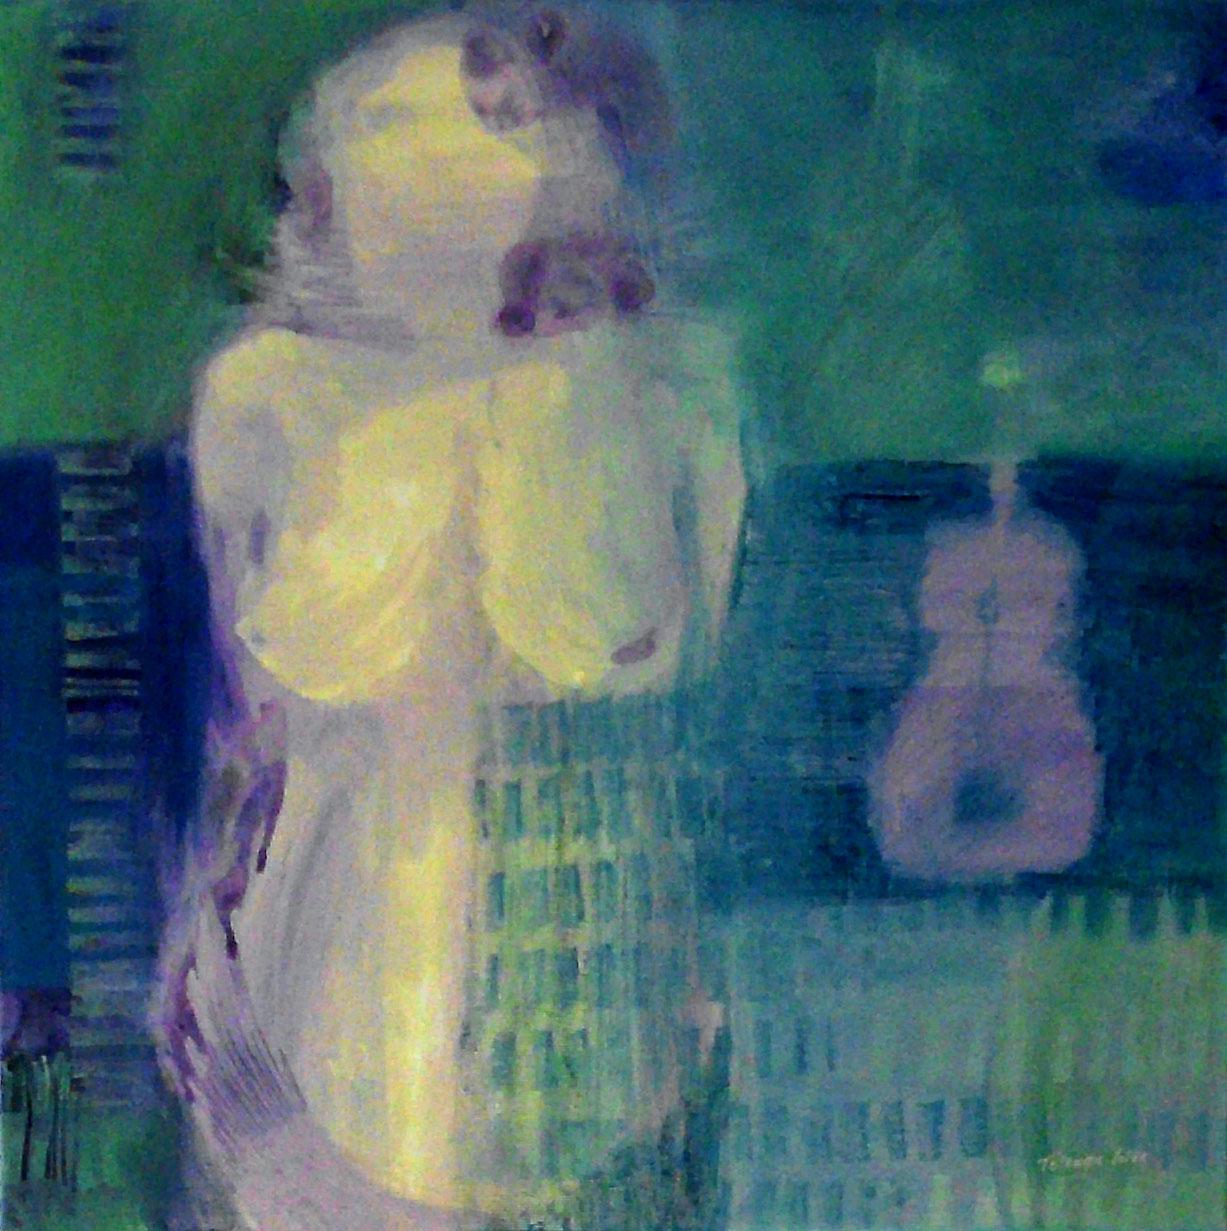 16-angelika_telenga-la_musica_ii-2014-acryl_auf_leinwand-50x50